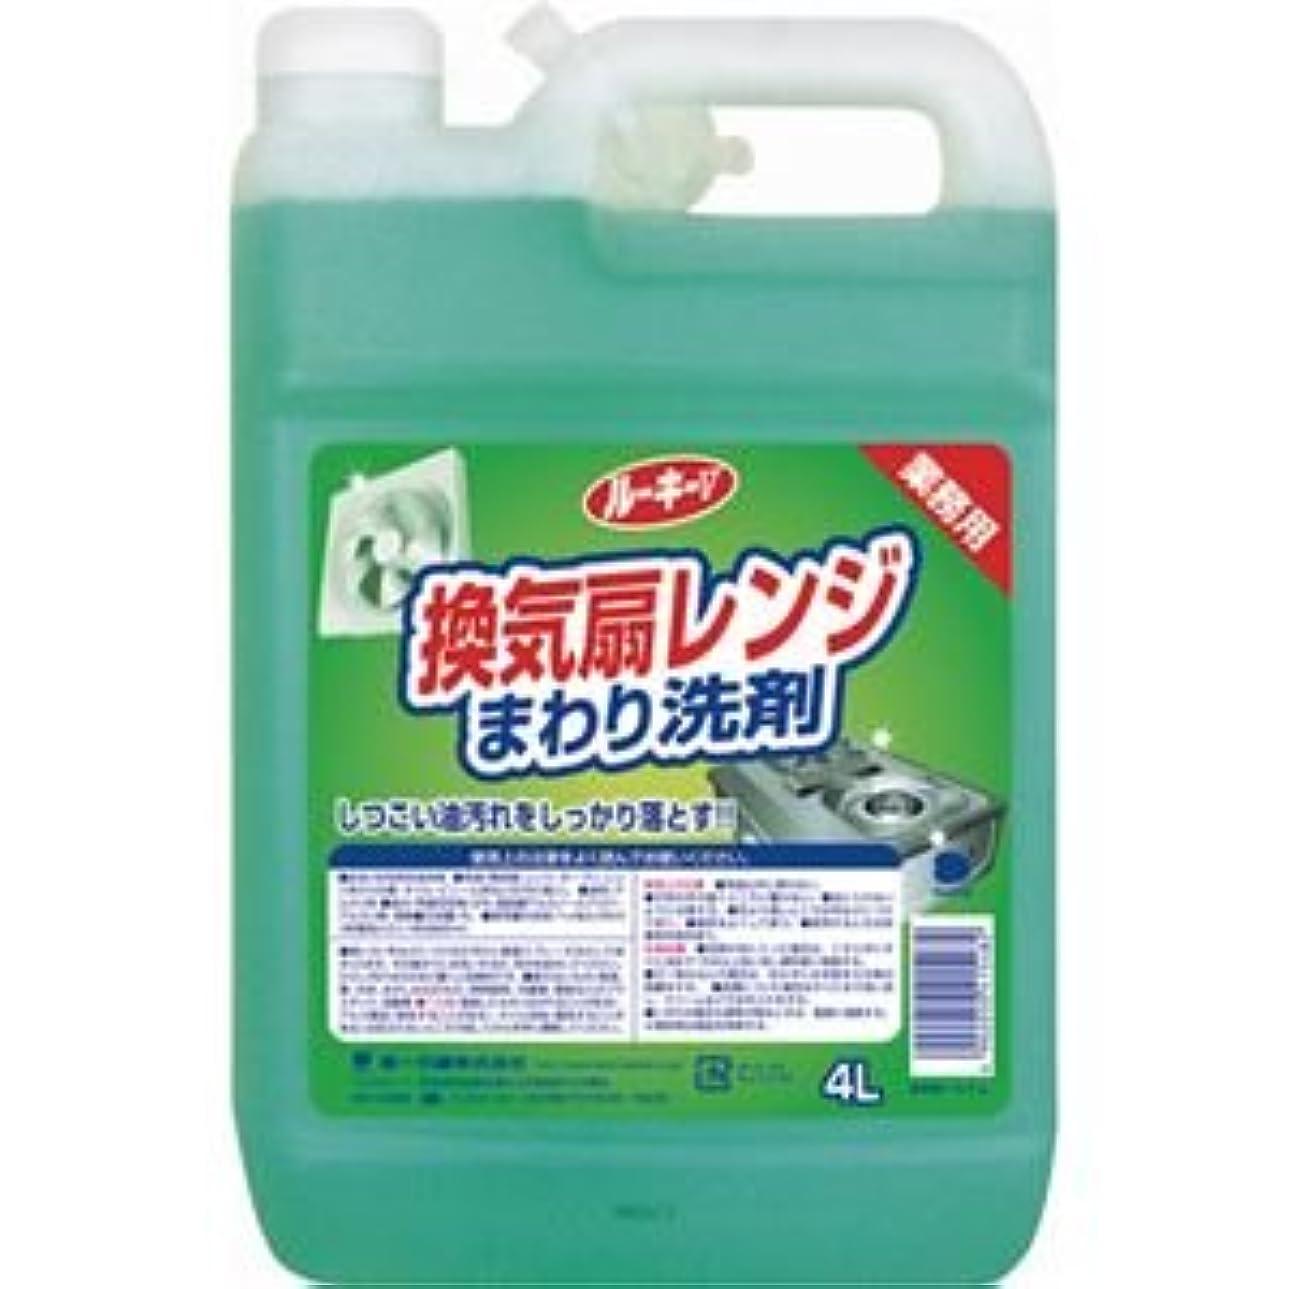 病者うん連鎖(まとめ) 第一石鹸 ルーキー 換気扇レンジクリーナー 業務用 4L 1本 【×5セット】